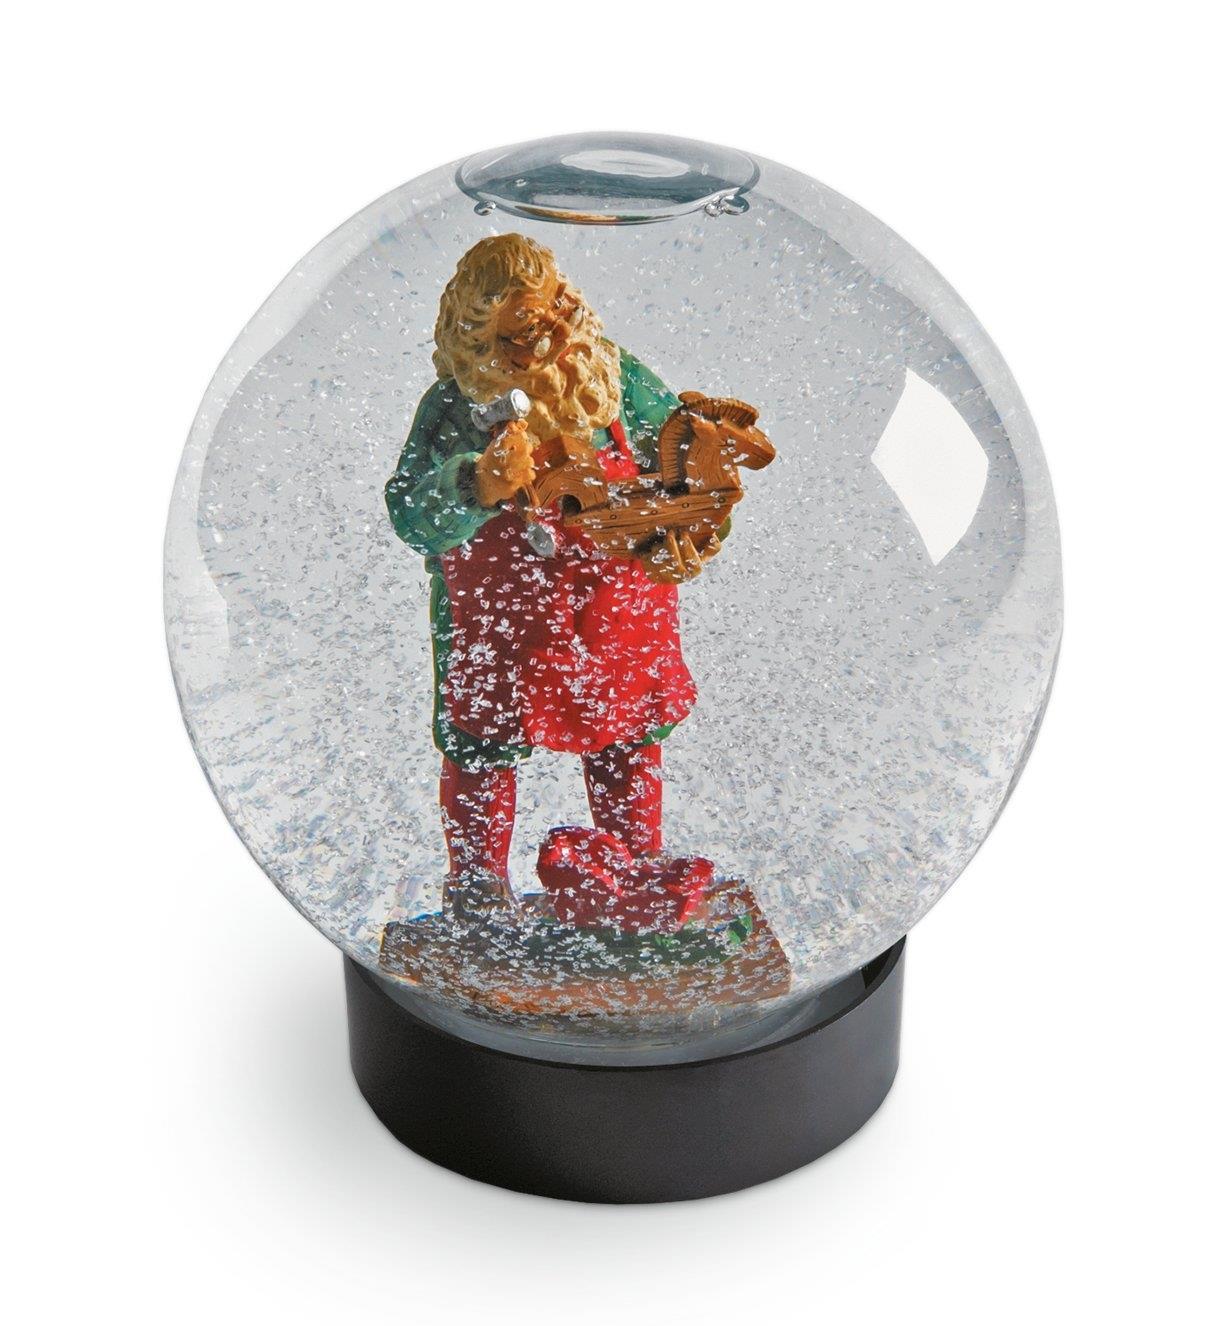 Figurine du père Noël et neige artificielle dans un aquarium pour fleurs rempli d'eau